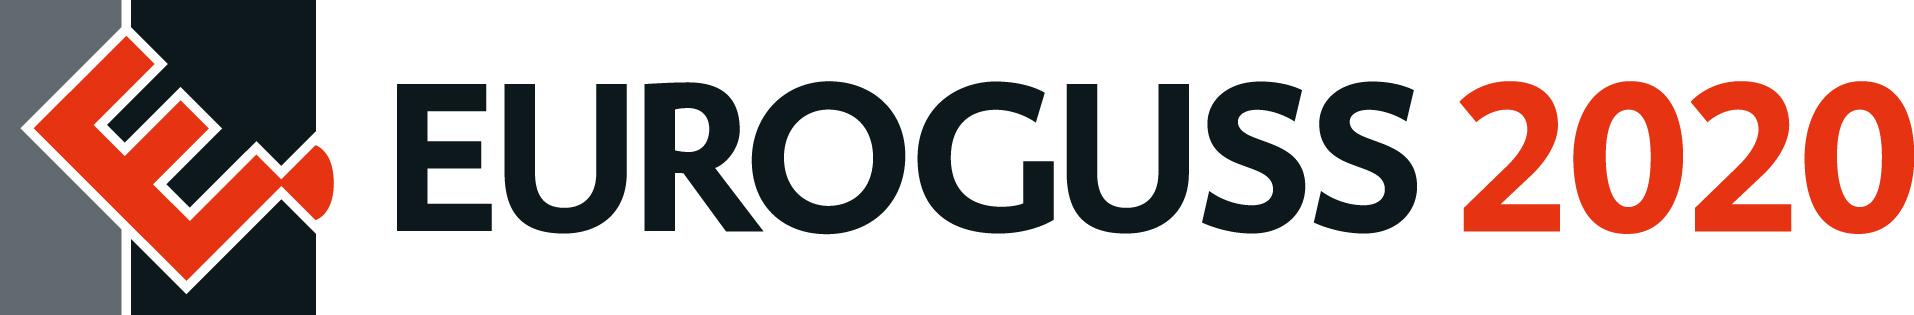 Euroguss-2020-Logo-farbig-RGB-300dpi